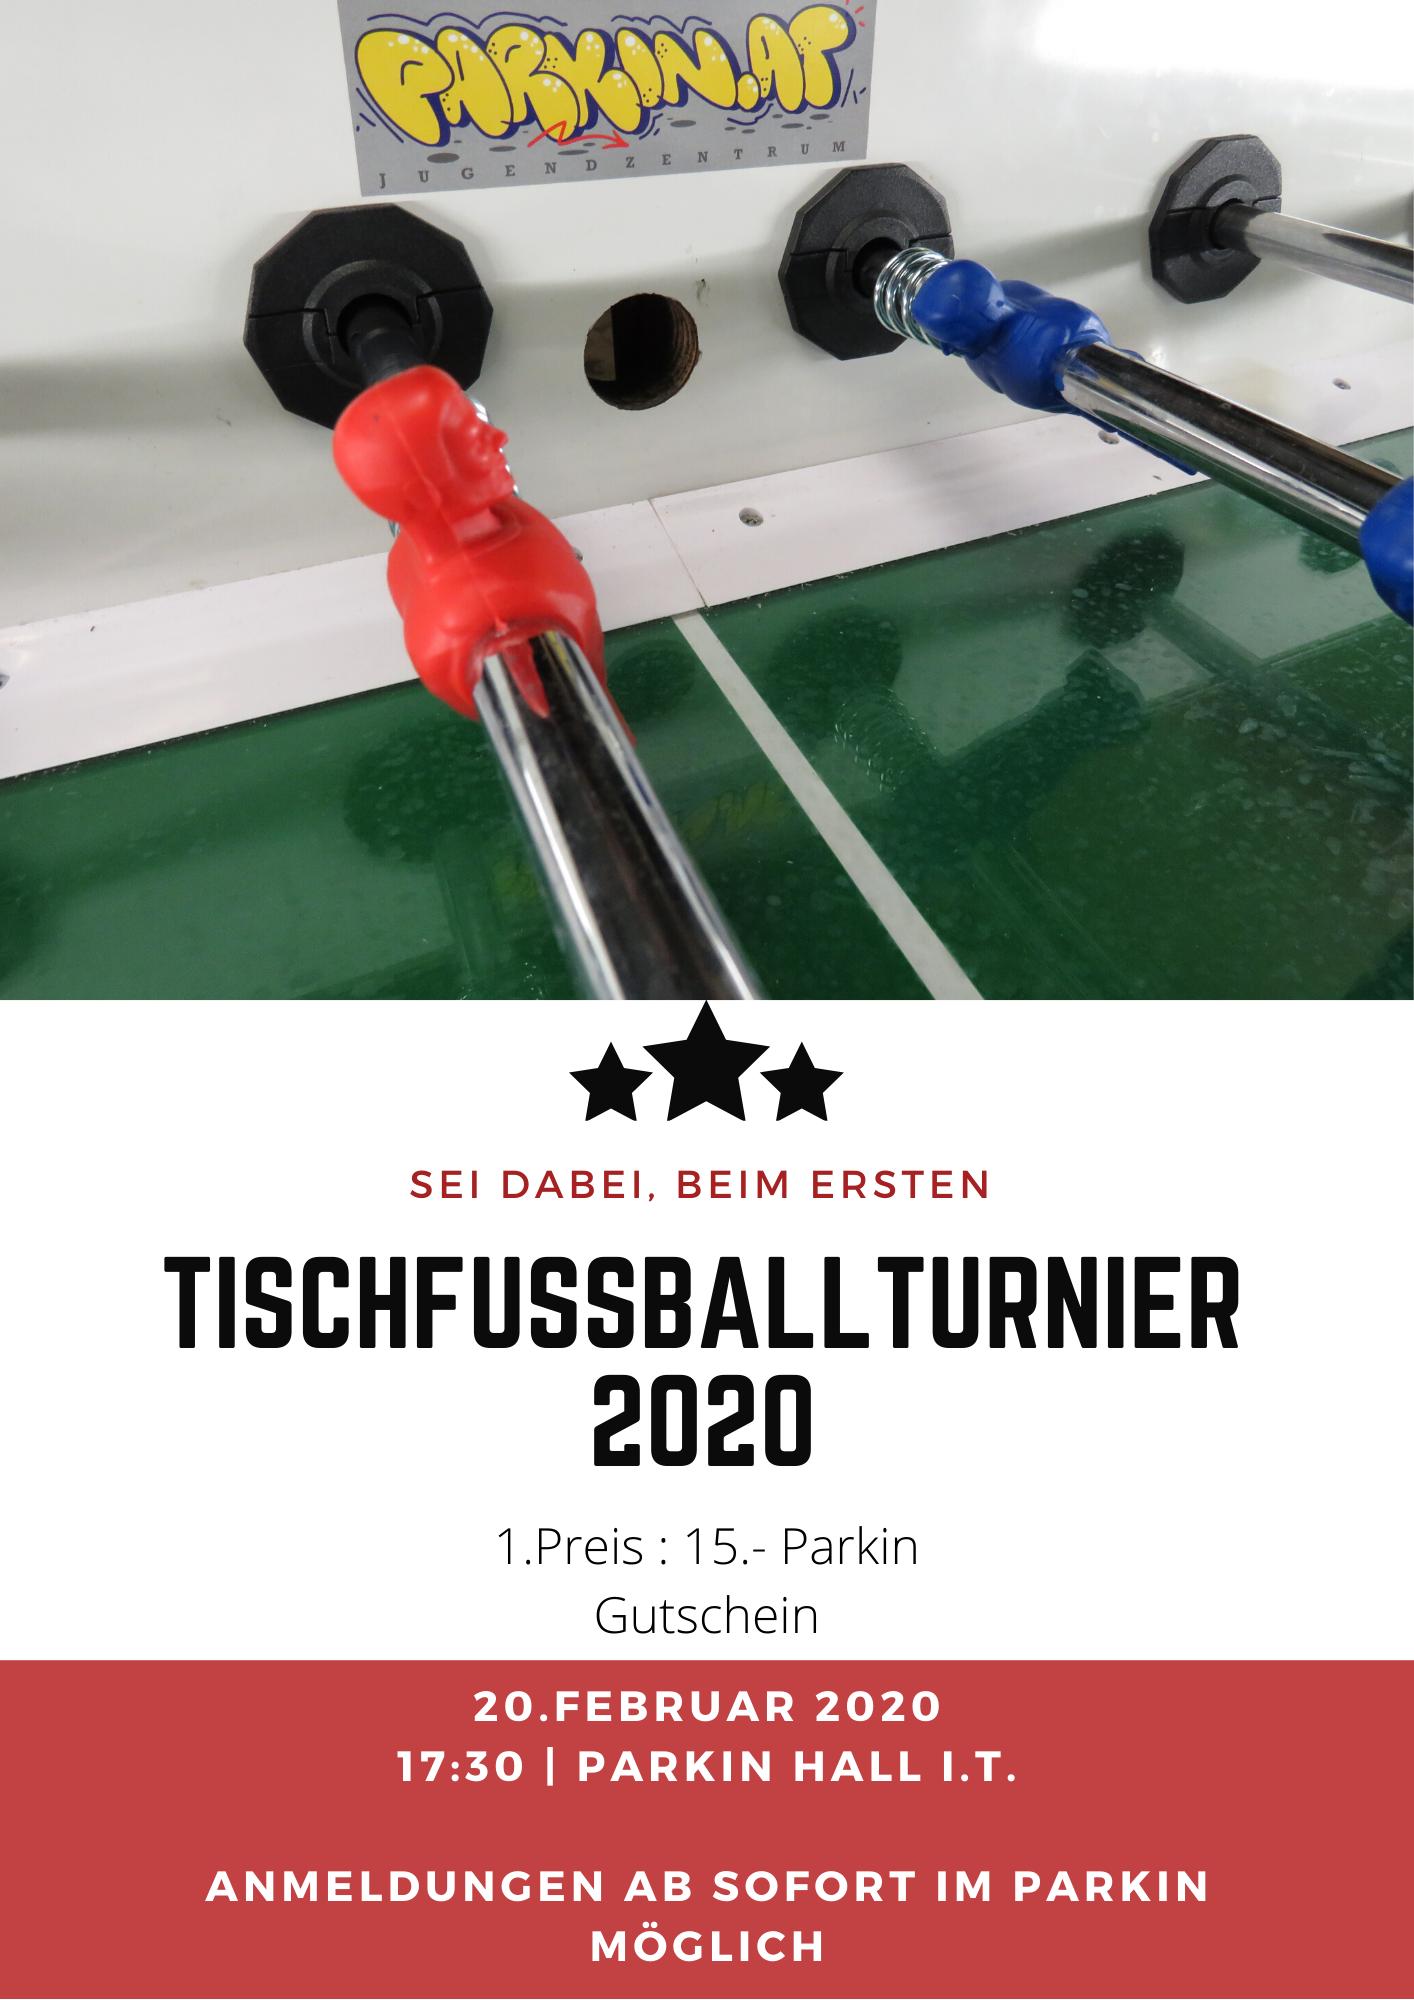 Tischfußball Turnier 2020